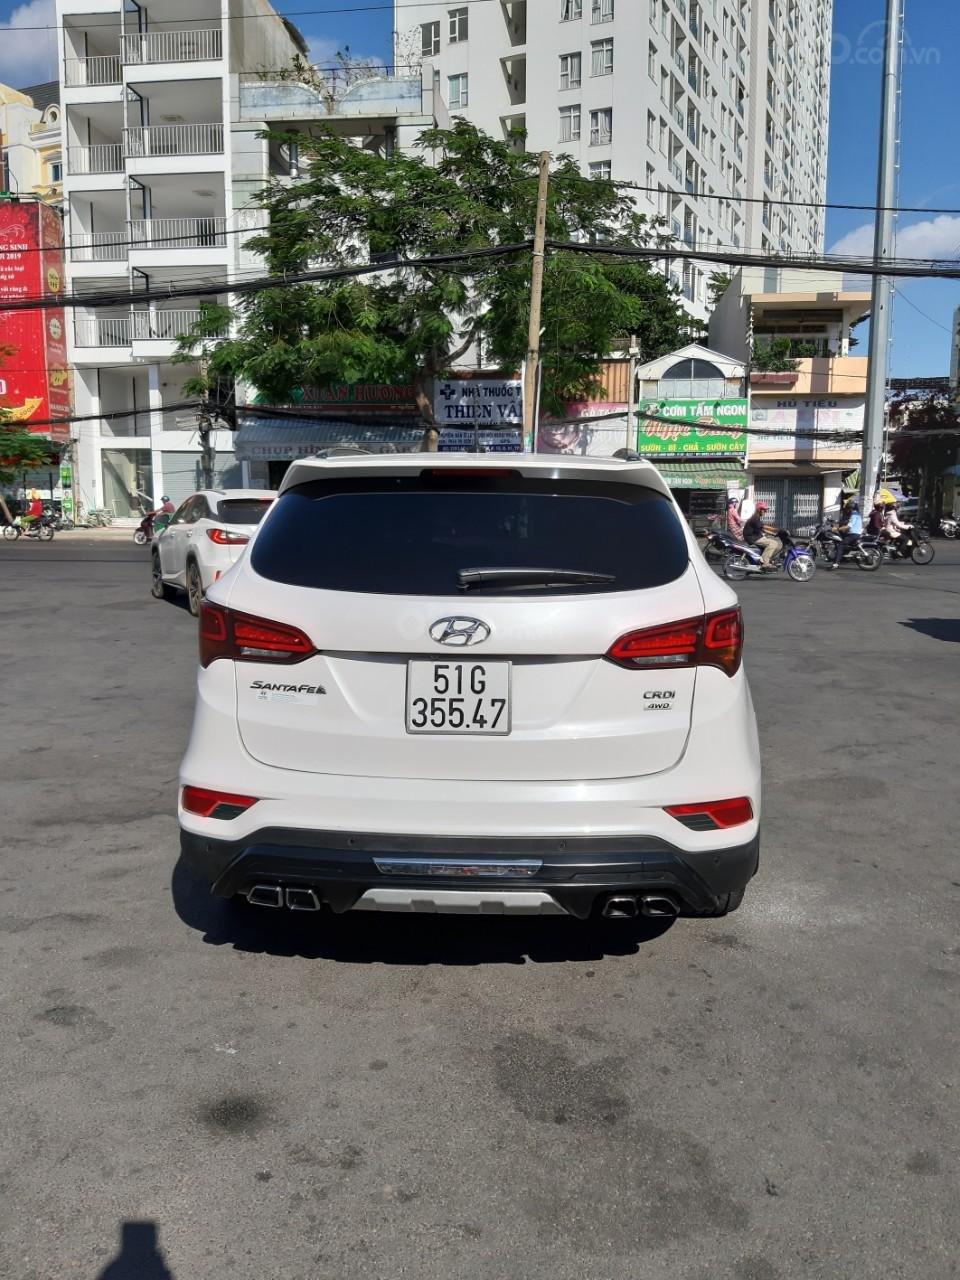 Hyundai Santa Fe CRDi model 2017, màu trắng, nhập khẩu còn mới toanh, full option loại cao cấp nhất, 1 tỷ 50tr-12